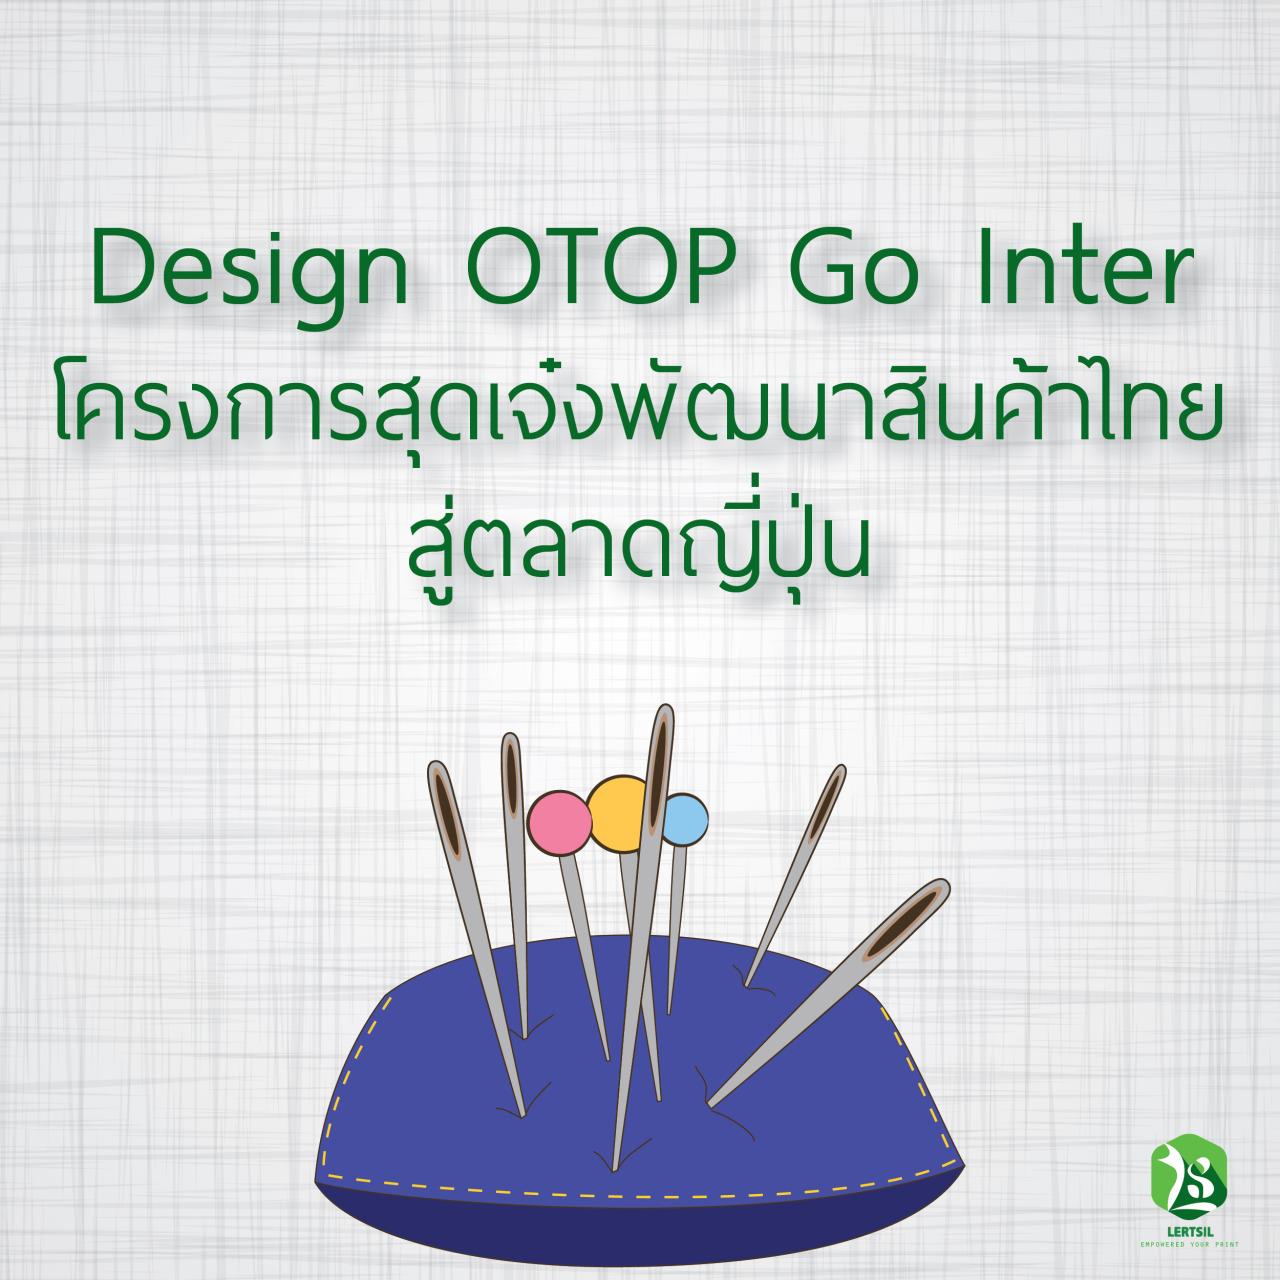 Design OTOP GO Inter โครงการสุดเจ๋งพัฒนาสินค้าไทยสู่ตลาดญี่ปุ่น